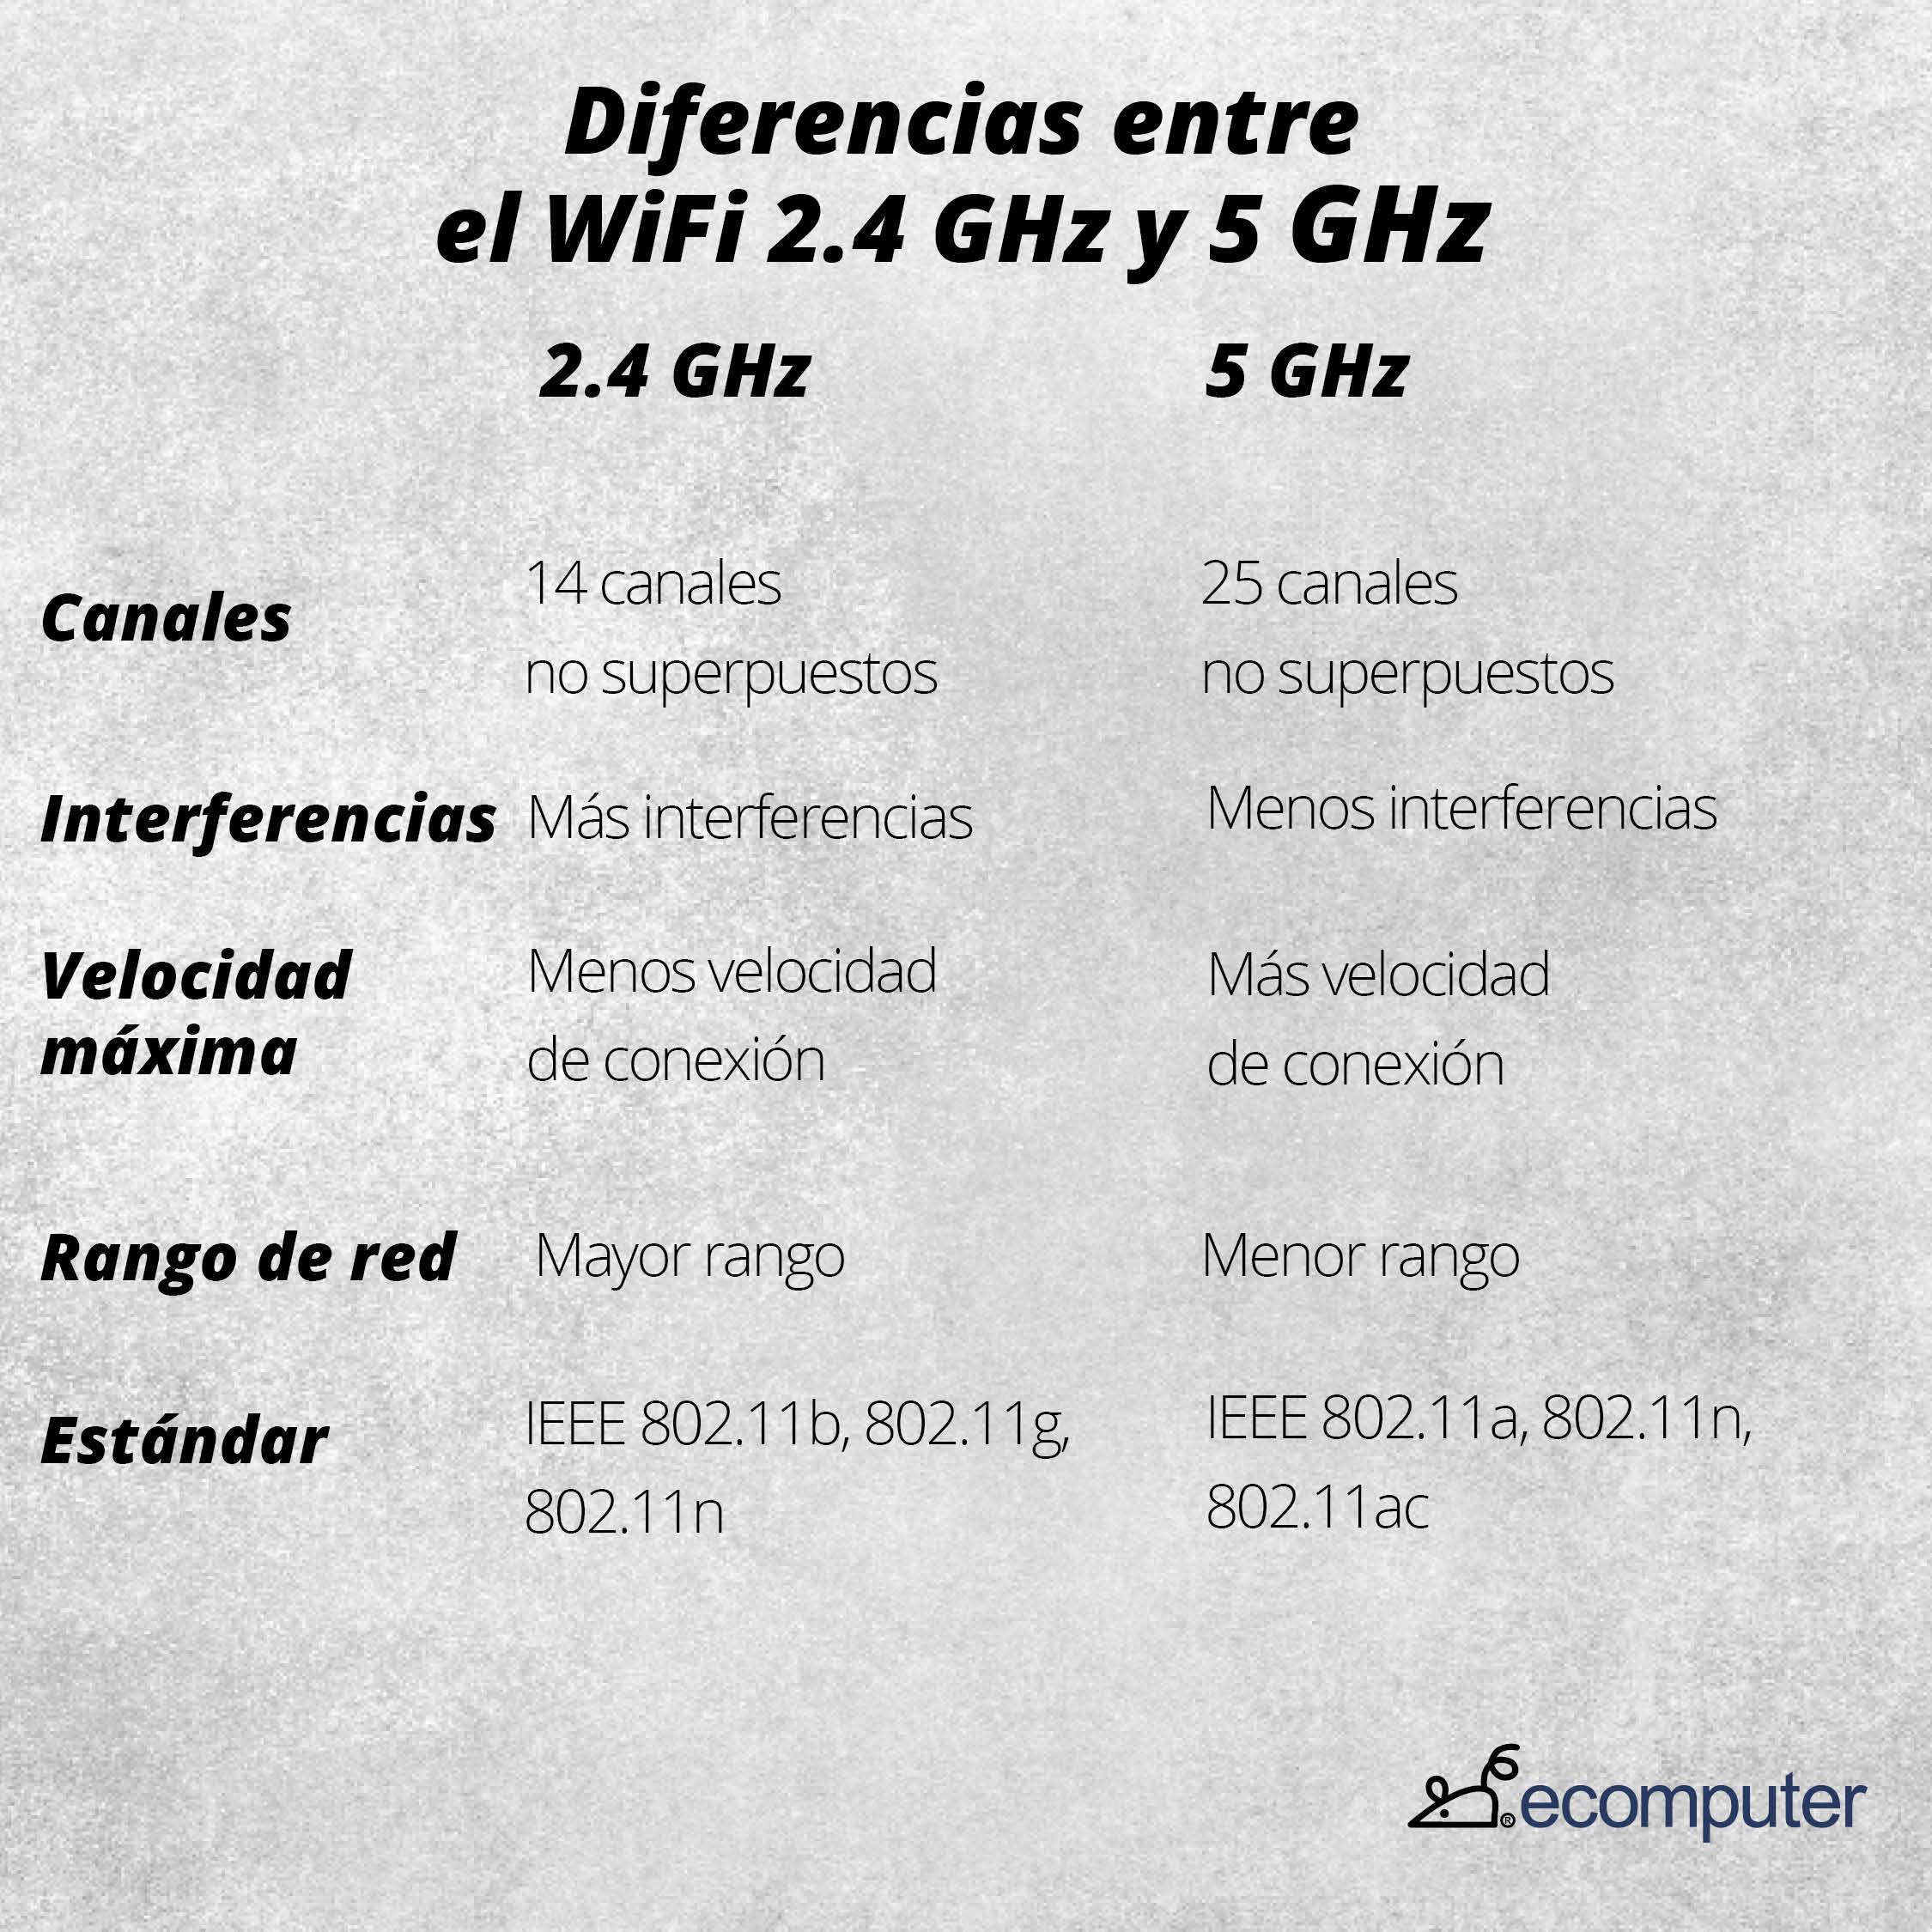 Diferencias entre el WiFi 2.4 GHz y 5 GHz